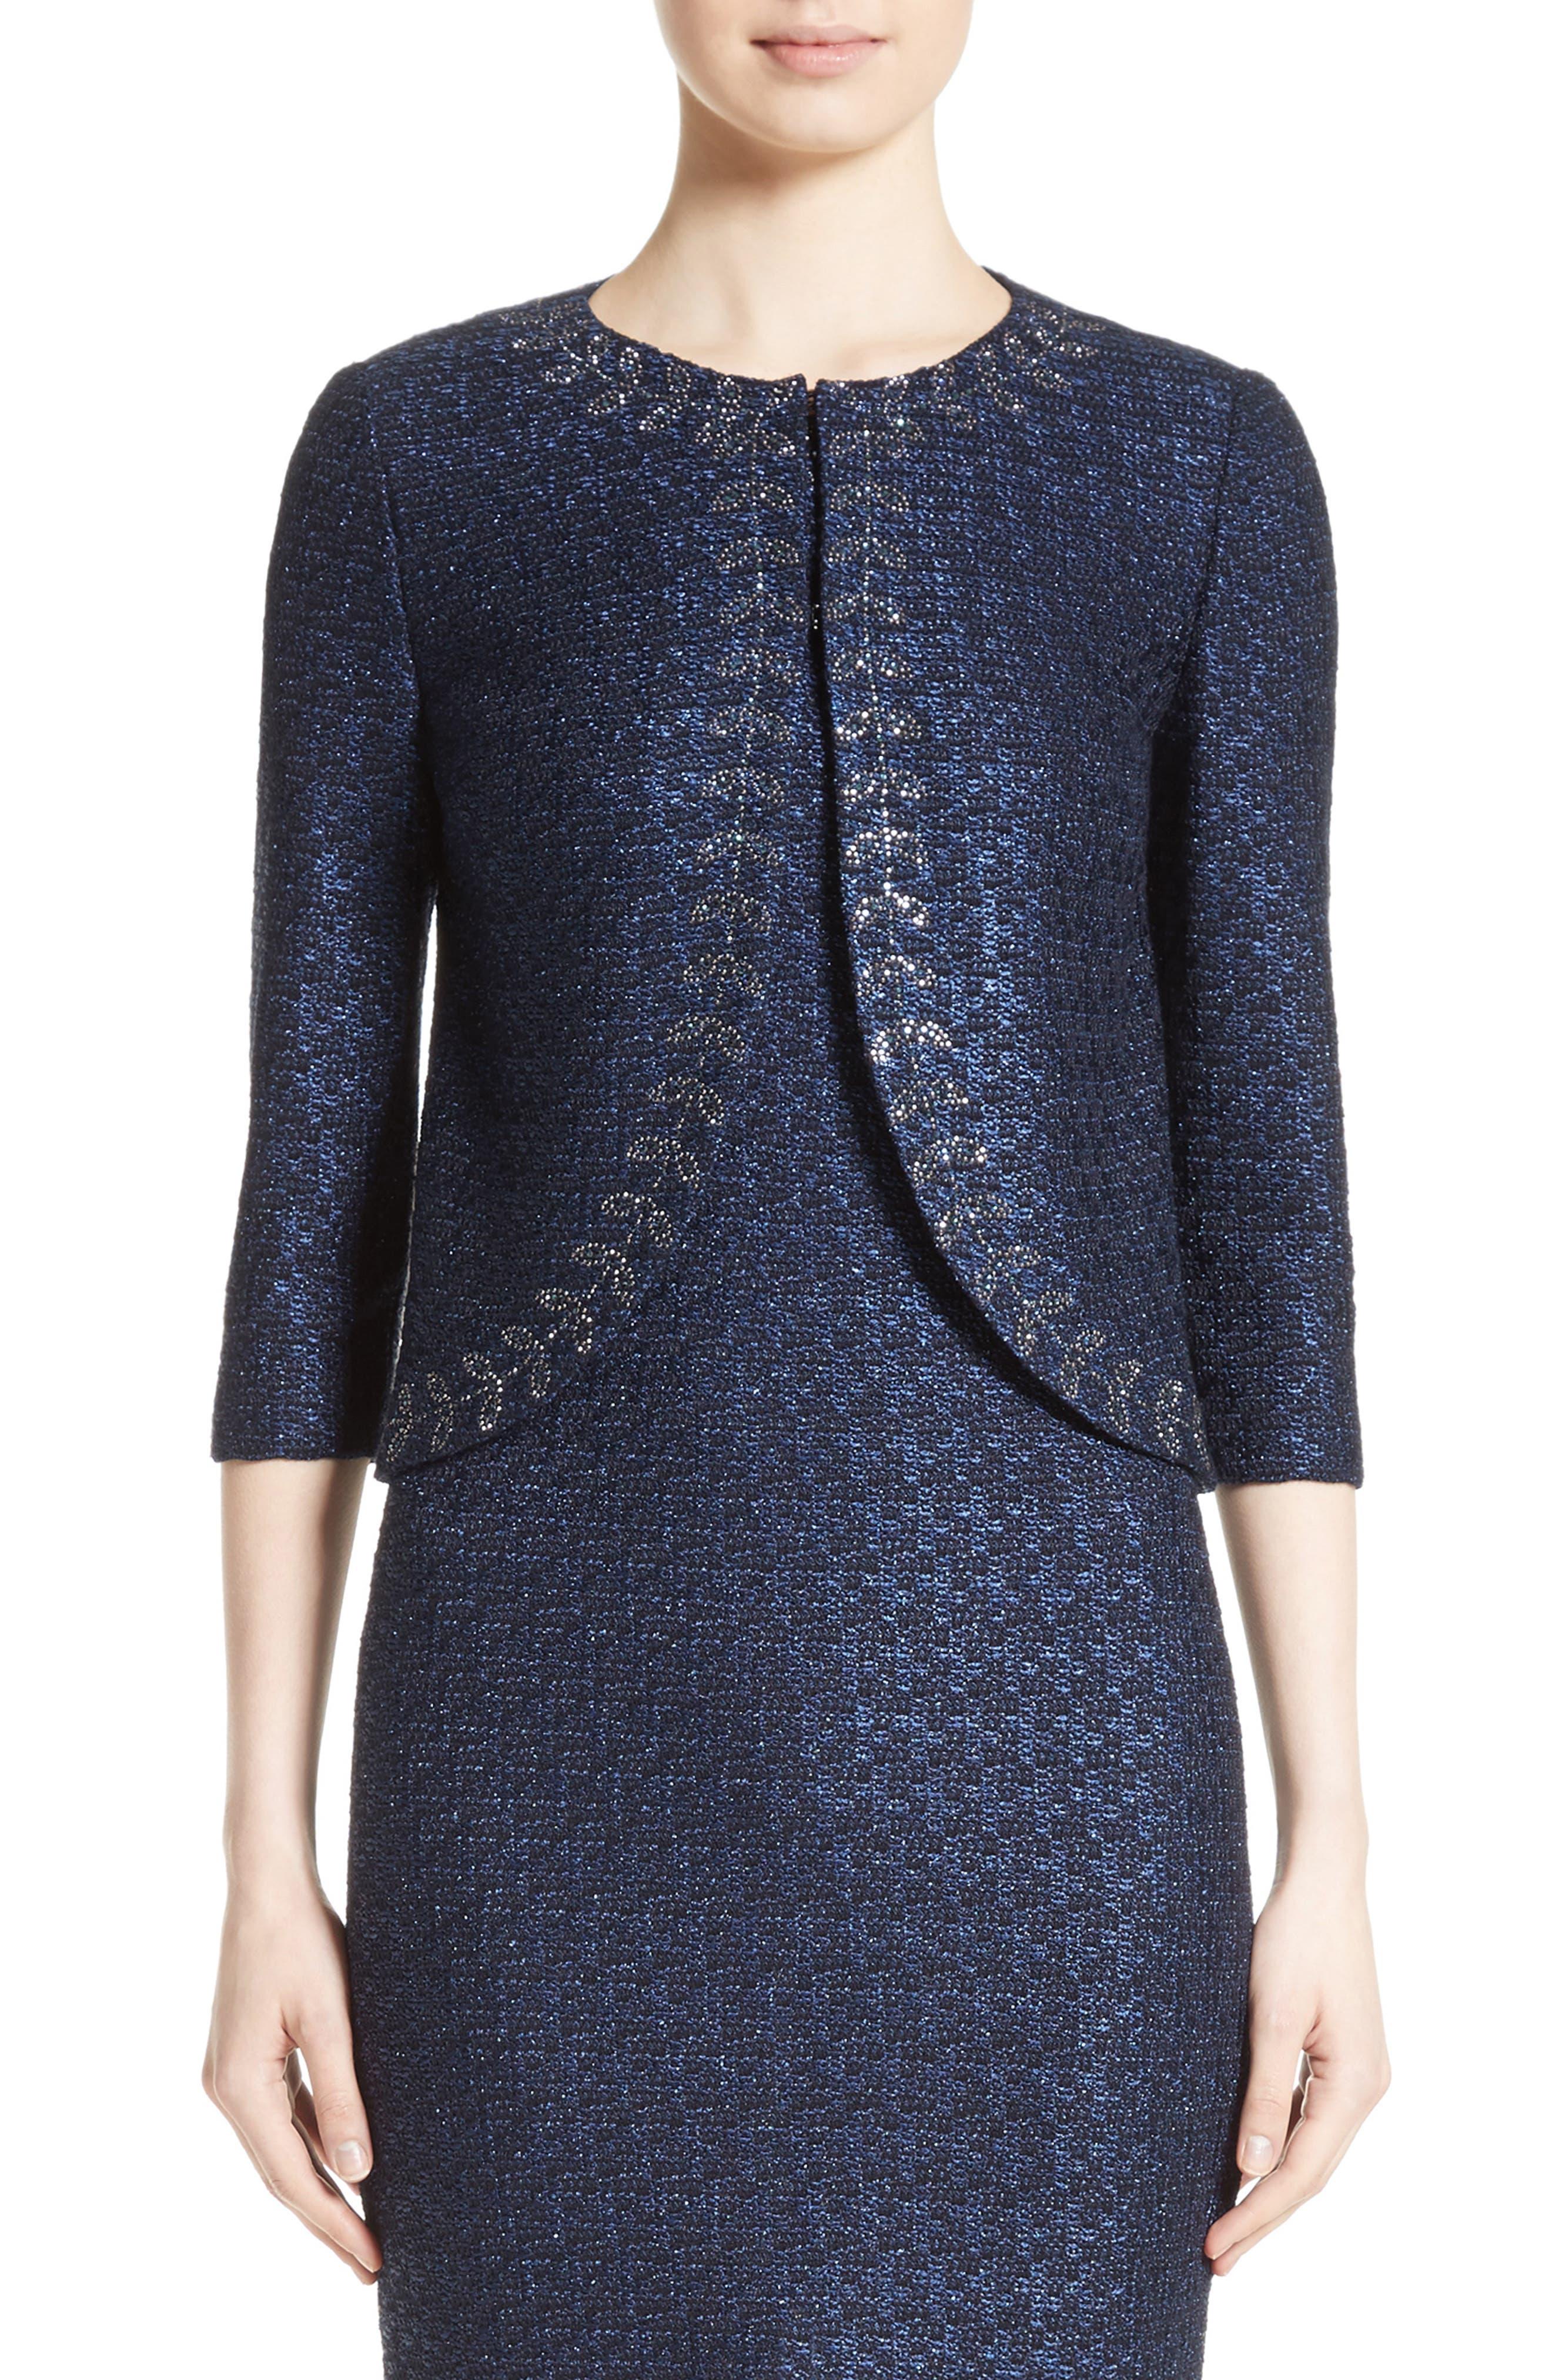 Jiya Sparkle Knit Jacket,                         Main,                         color, Navy